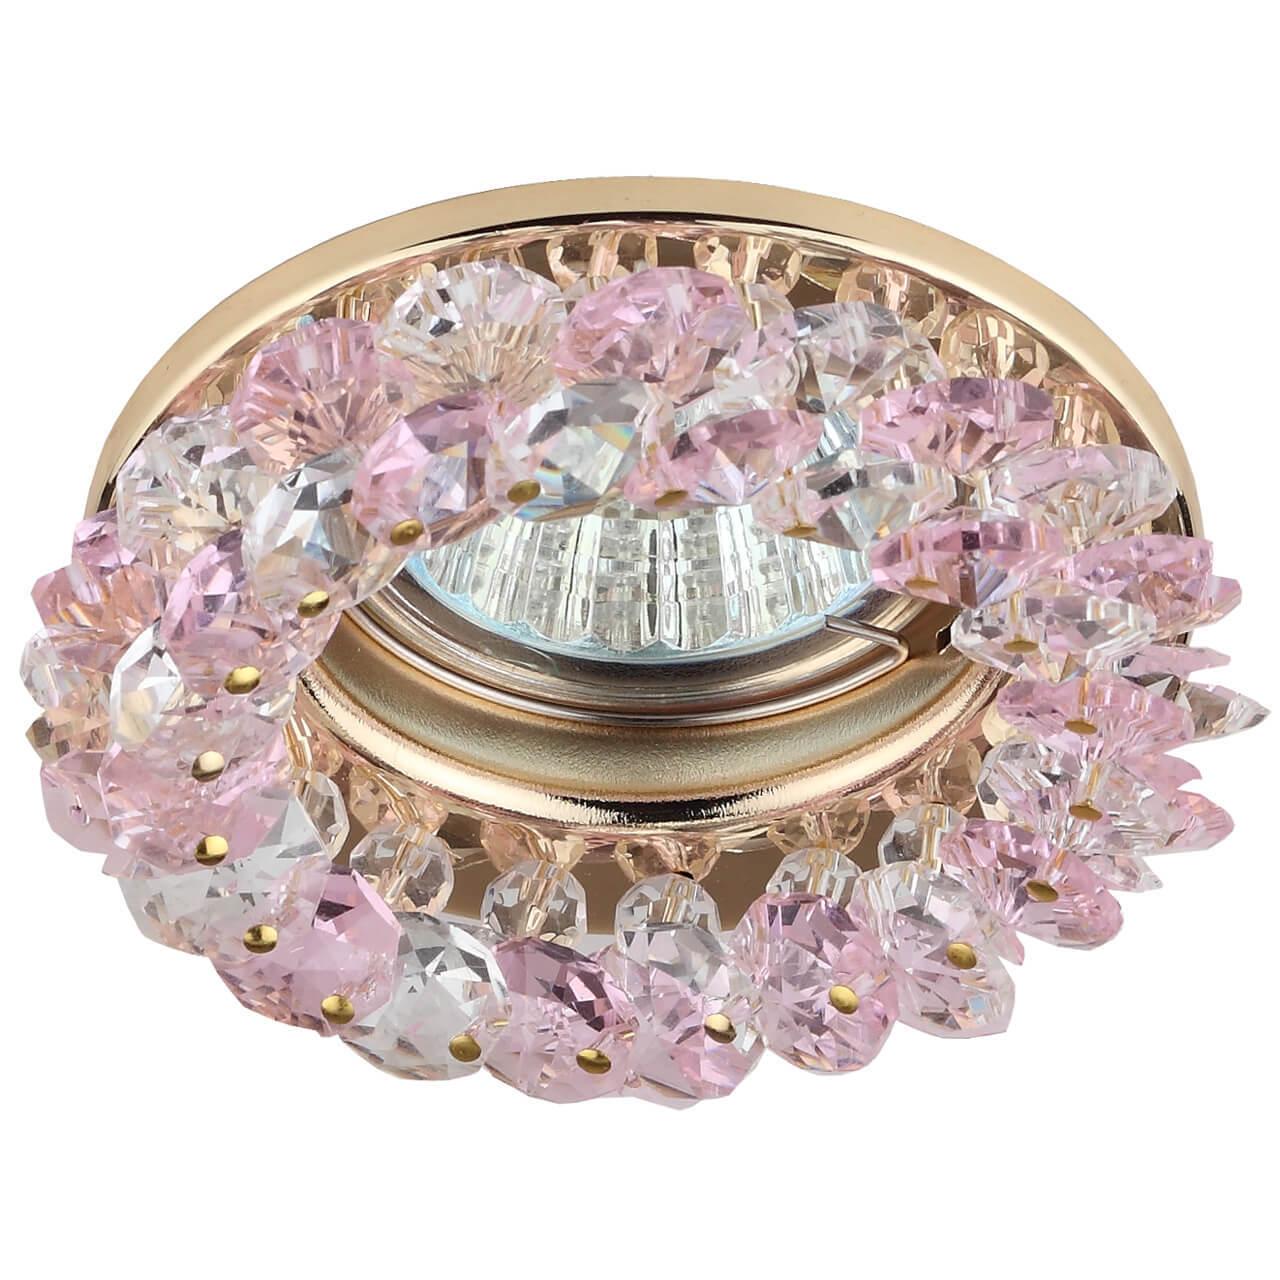 все цены на Встраиваемый светильник ЭРА Декор DK16 GD/WH/PK онлайн